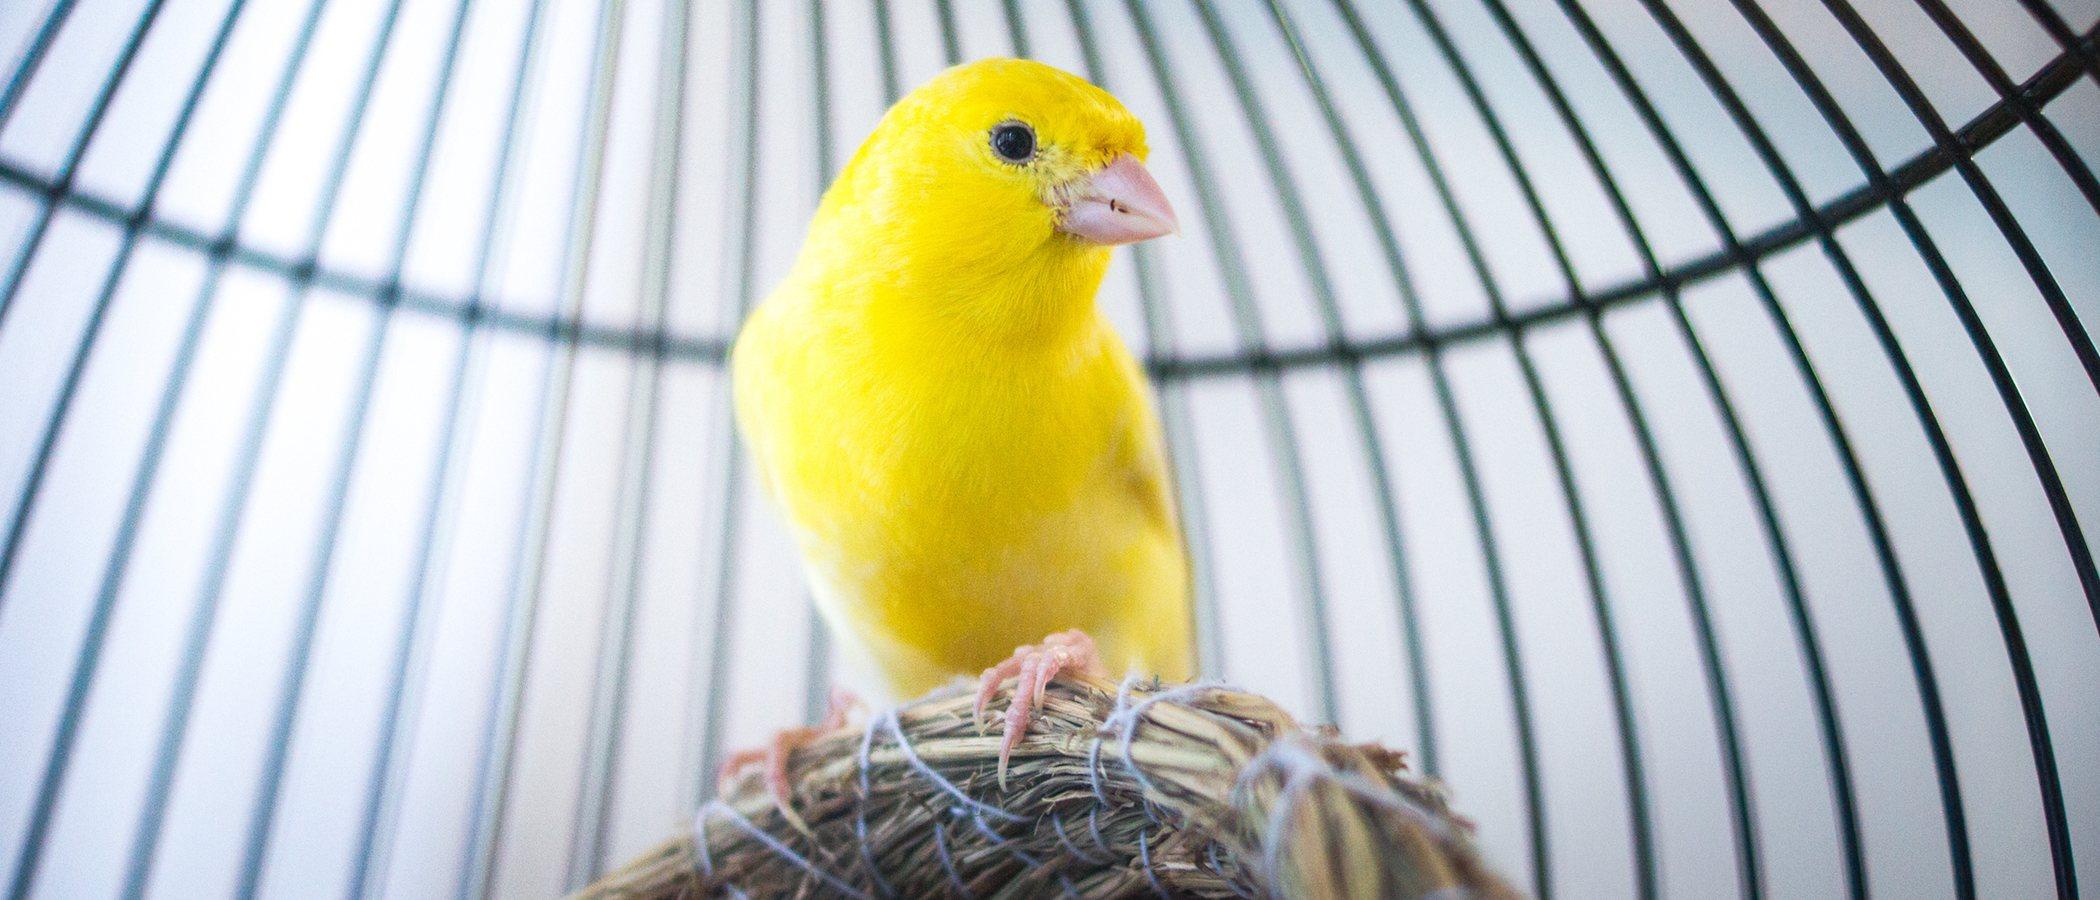 Los mejores pájaros para tener como mascota